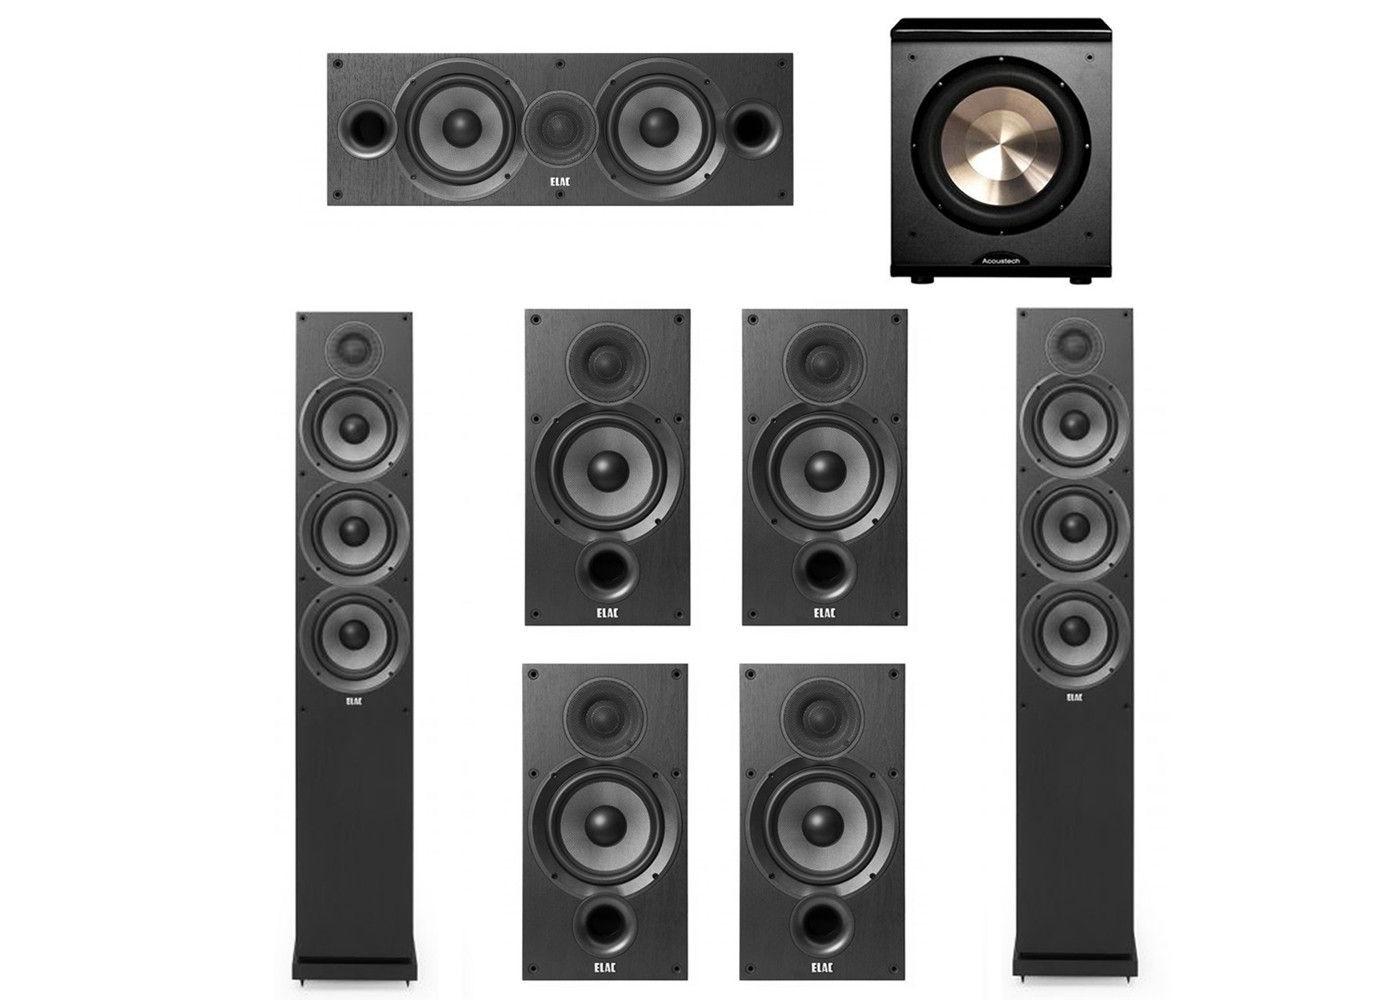 Elac 71 System With 2 F62 Floorstanding Speakers 1 C62 Center Speaker 4 B62 Bookshelf